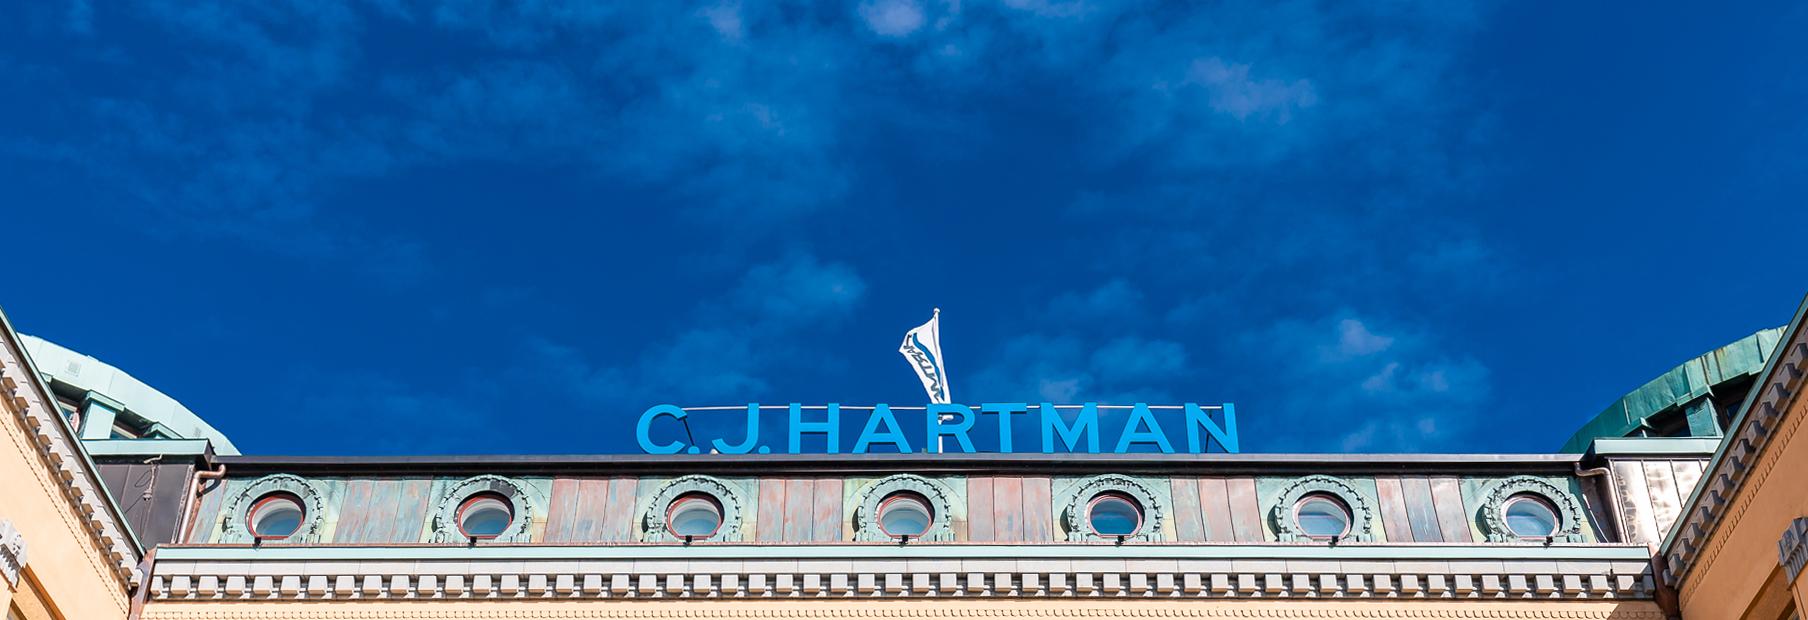 hartman-case-5